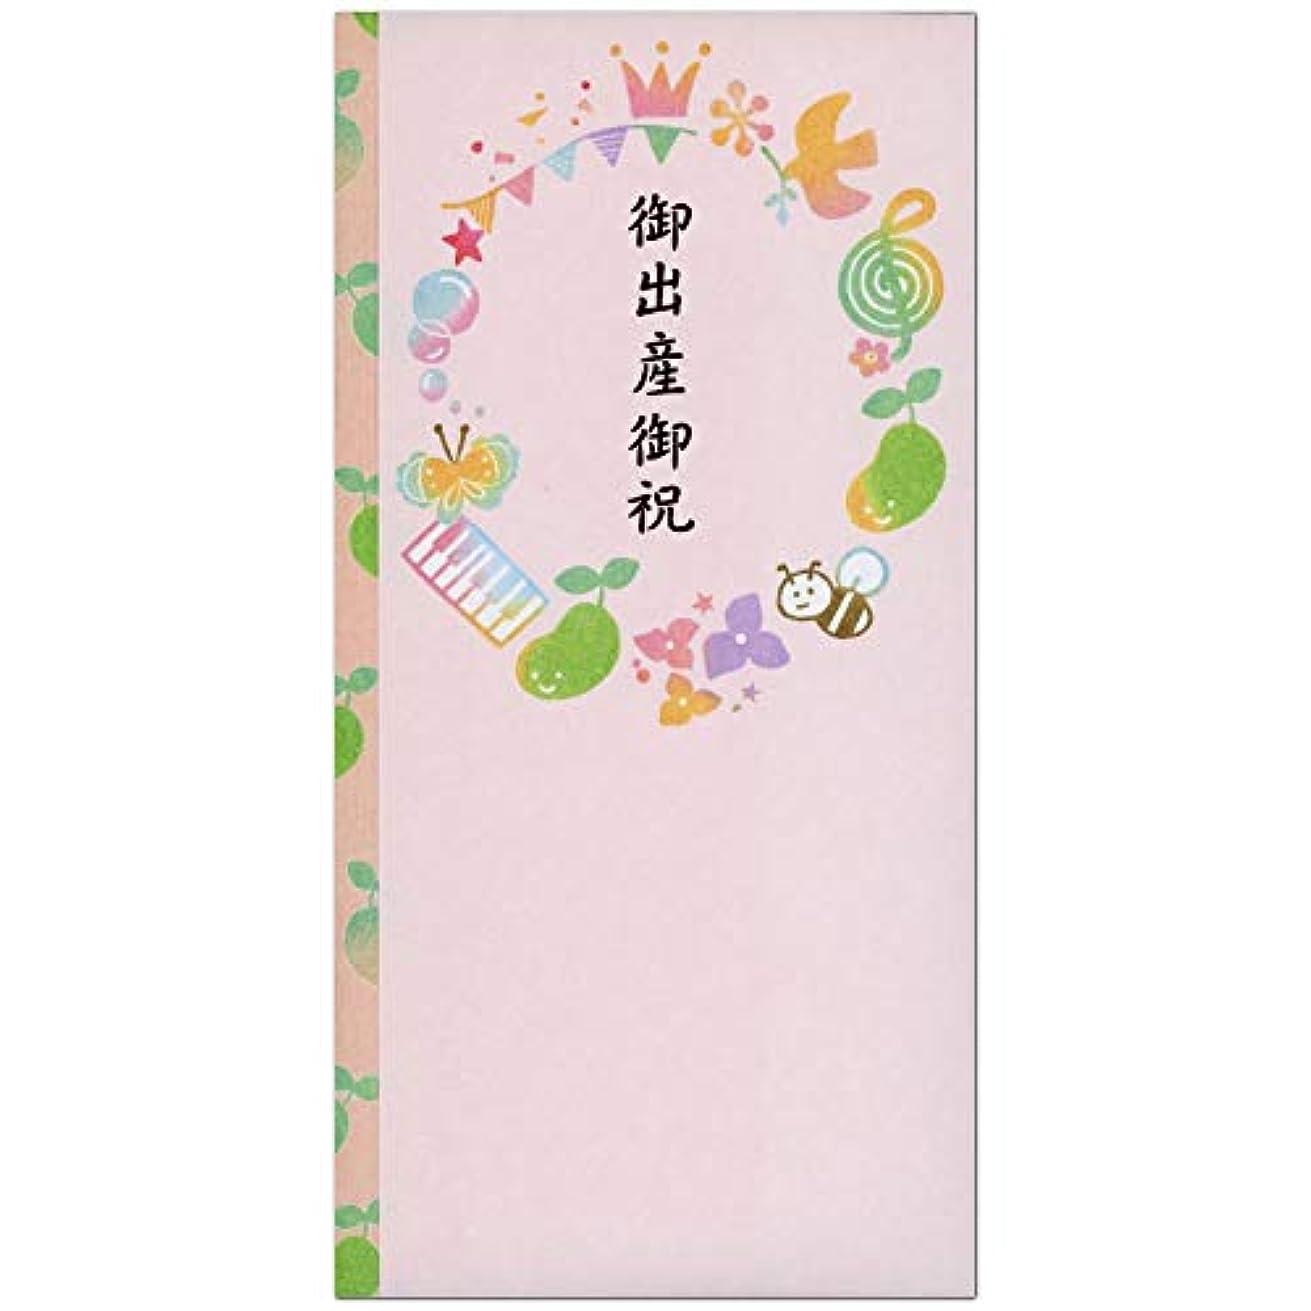 議題喪隣接フロンティア 祝儀袋 出産祝 はんこ新芽 SG−183 ピンク